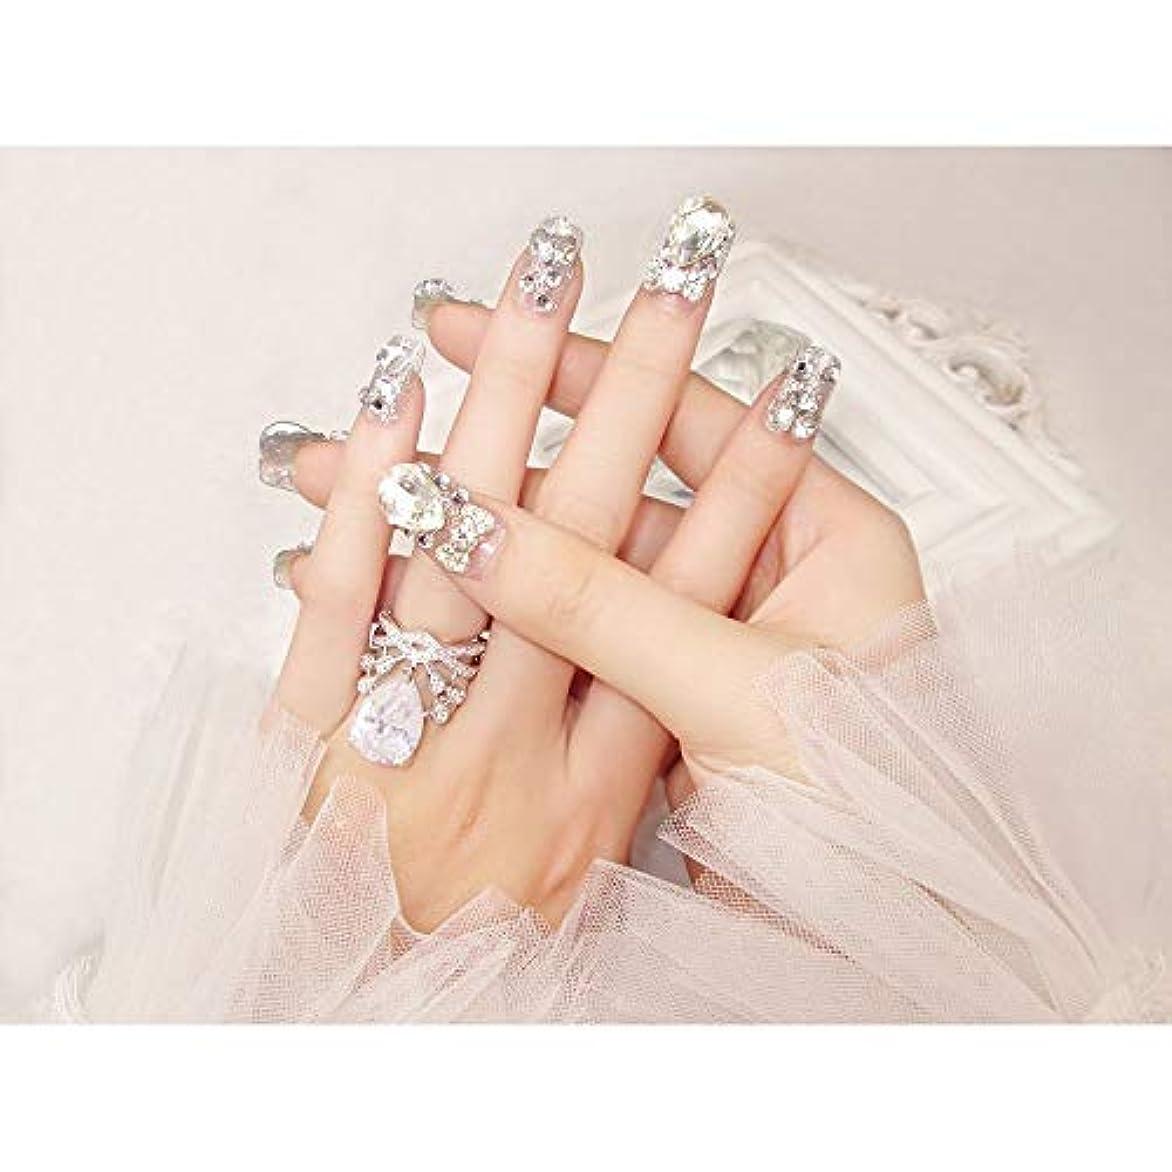 浜辺リビジョンアルバニーYESONEEP 完成した偽の釘24ピース箱入り花嫁シャイニー偽の爪の宝石ダイヤモンドの宝石ブライダルネイルステッカー (色 : 24 pieces)